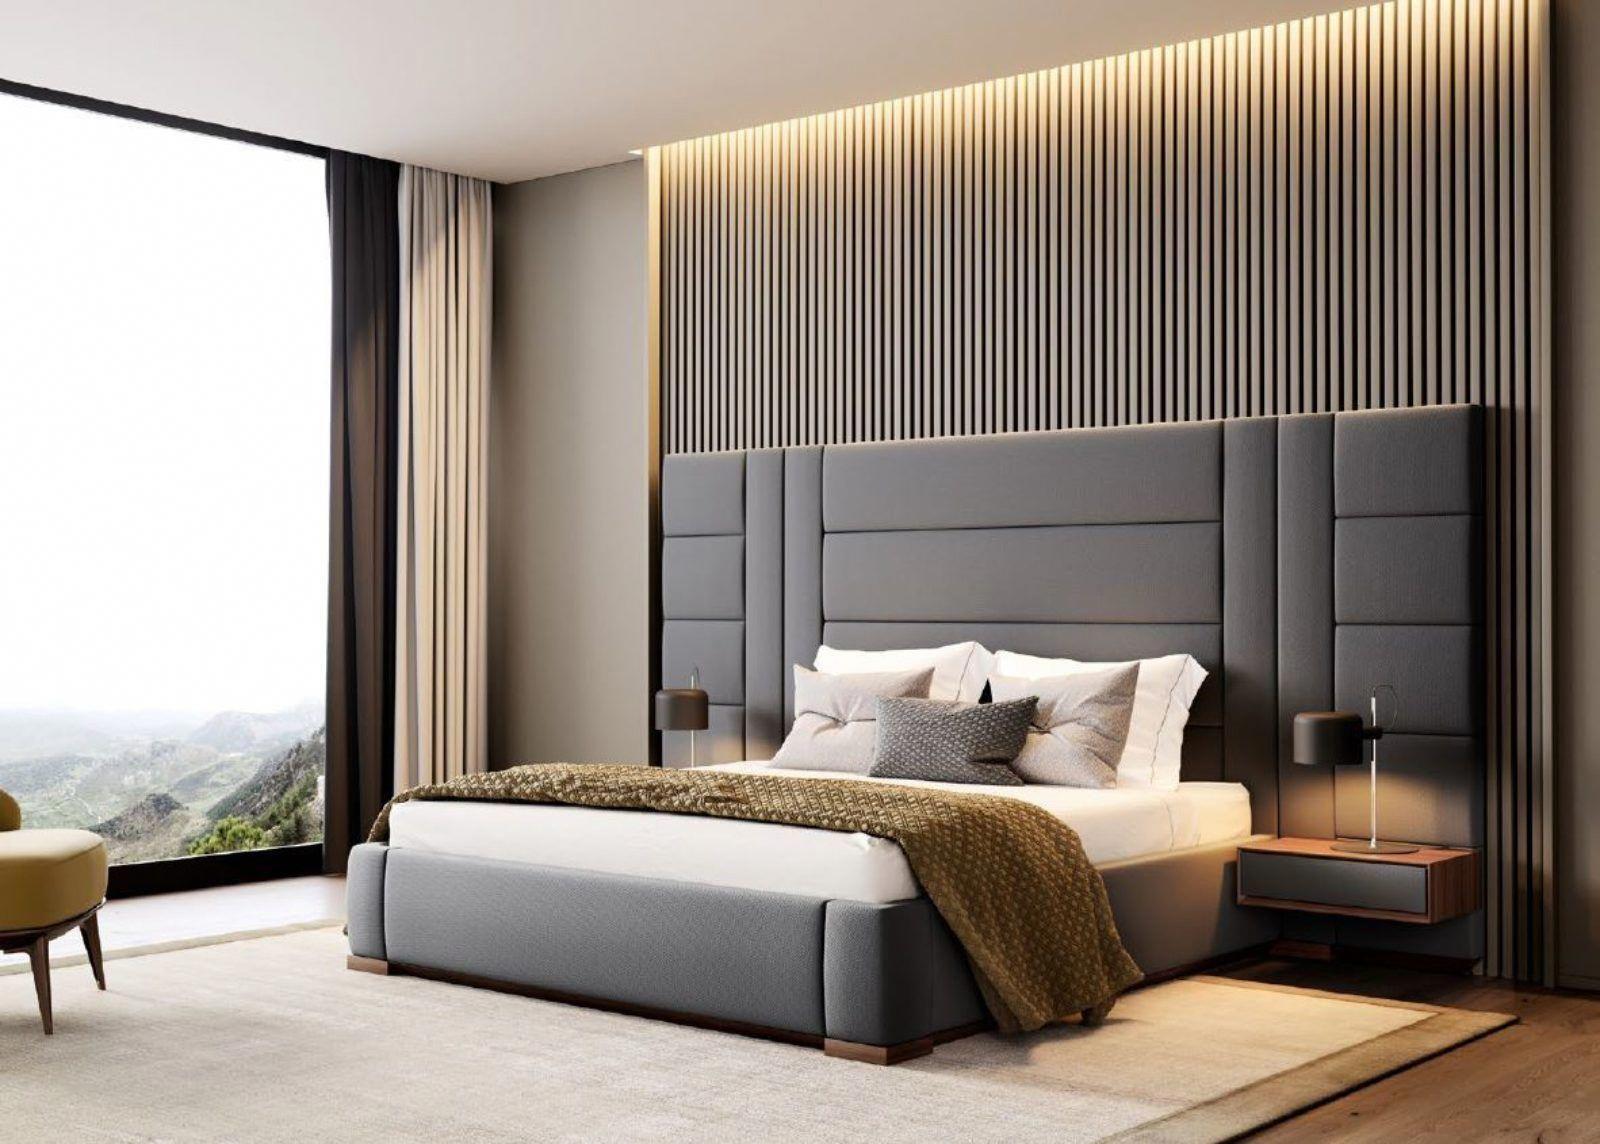 Cuarto de lujo Imágenes #Dormitoriodelujomoderno | Dormitorios, Dormitorio  de lujo moderno, Muebles de dormitorio modernos